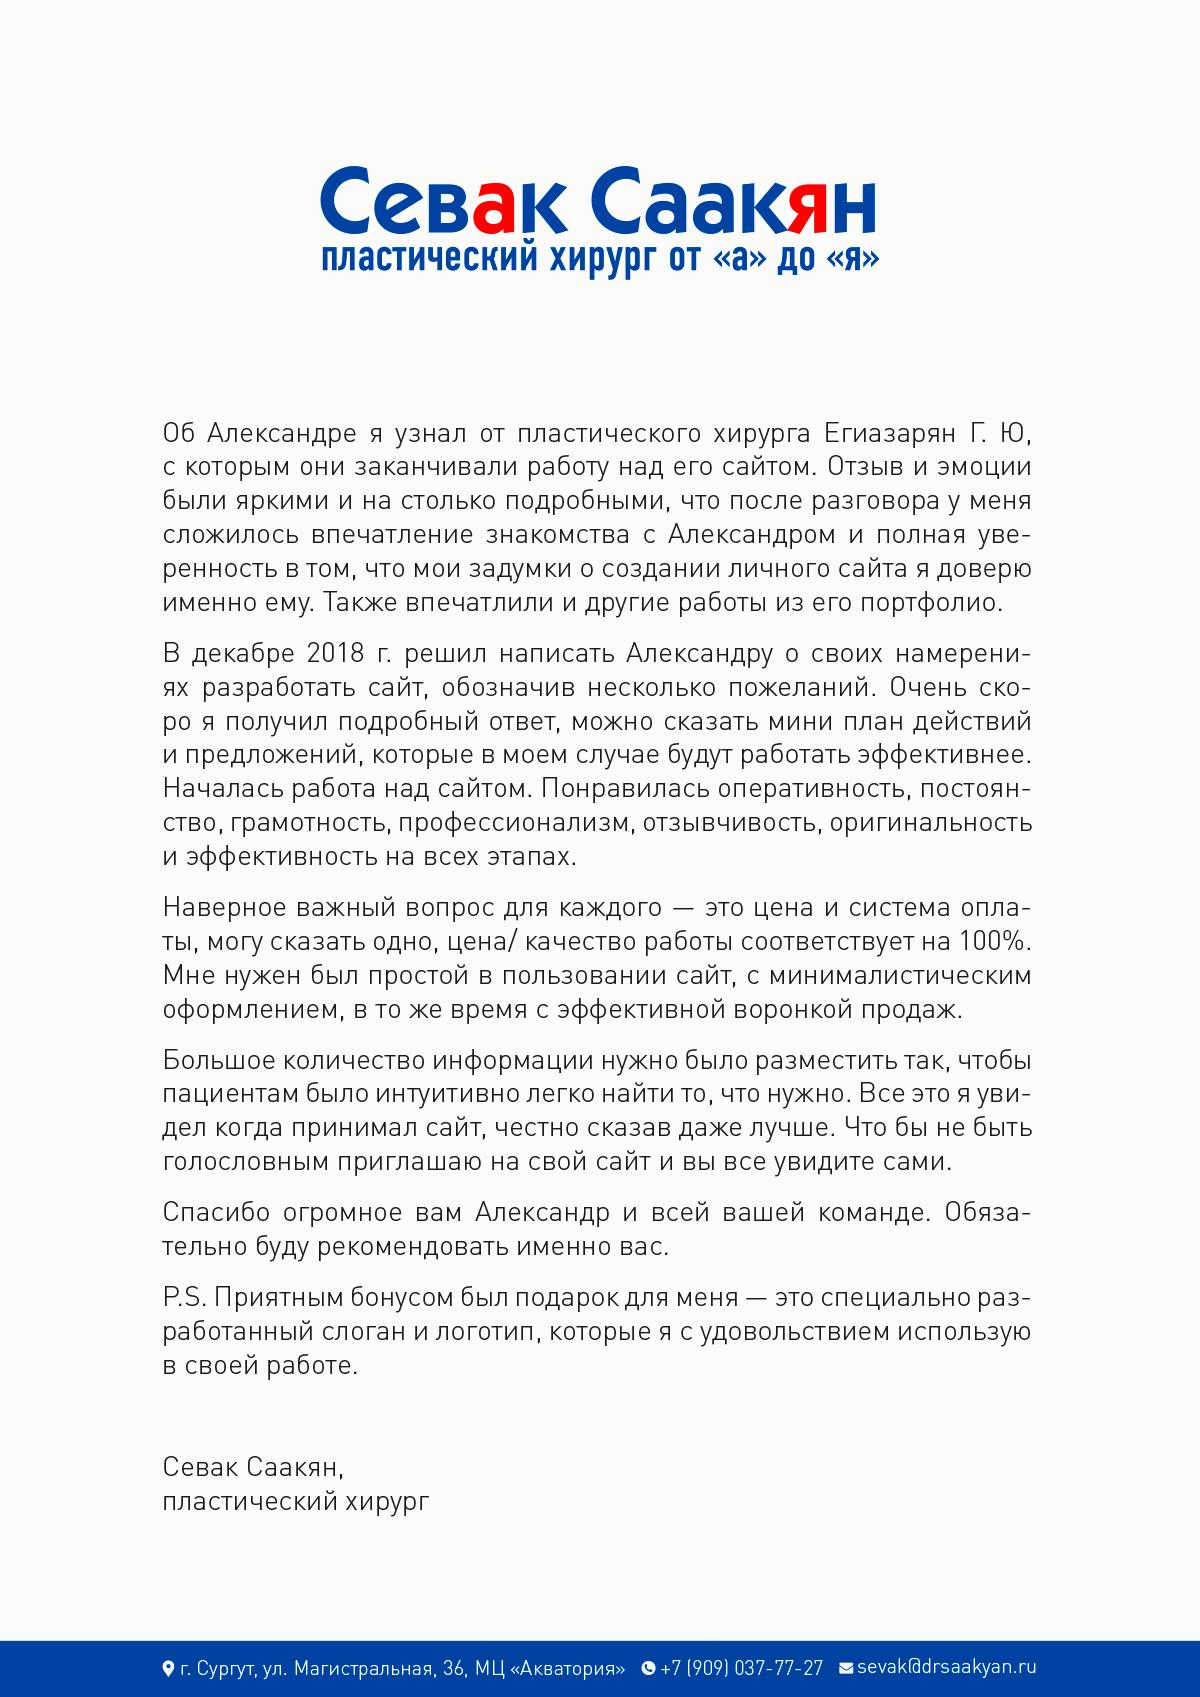 Отзыв Севака Саакяна осайте drsaakyan.ru